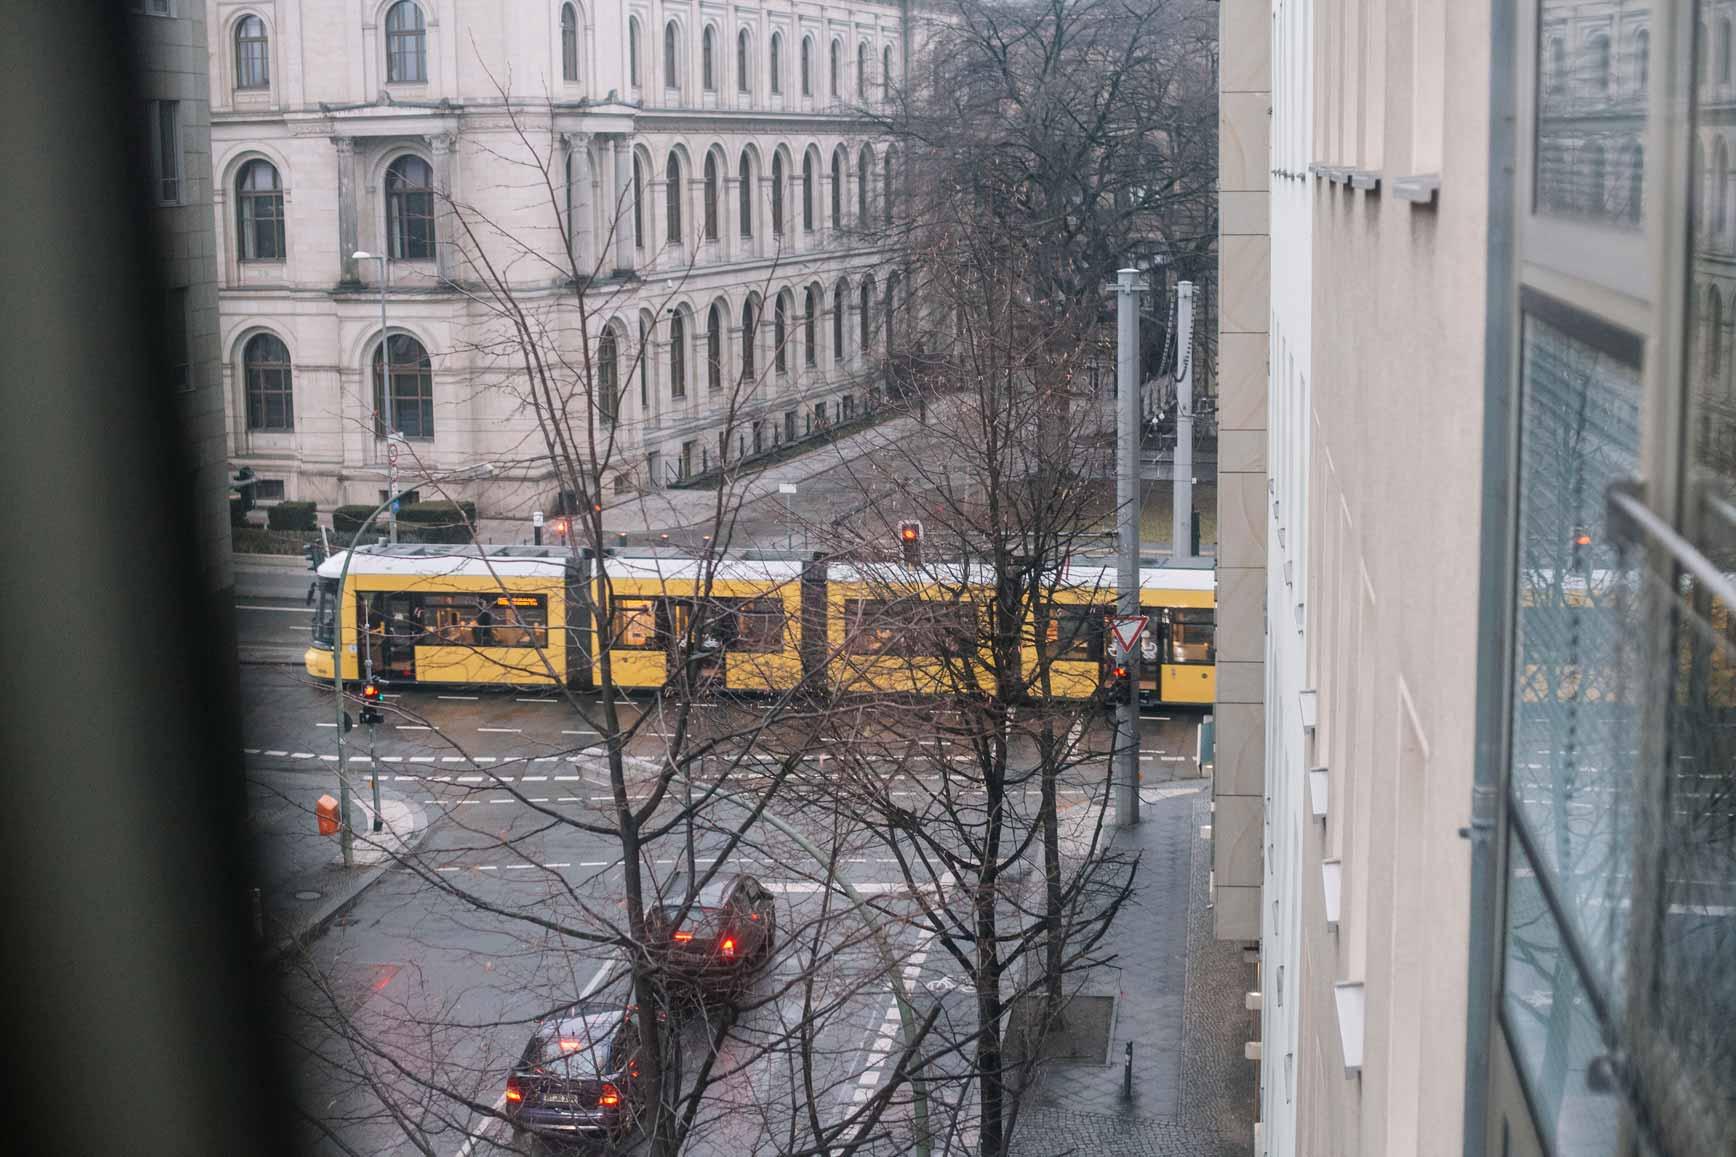 Miniloft-Berlin-claraBmartin_11